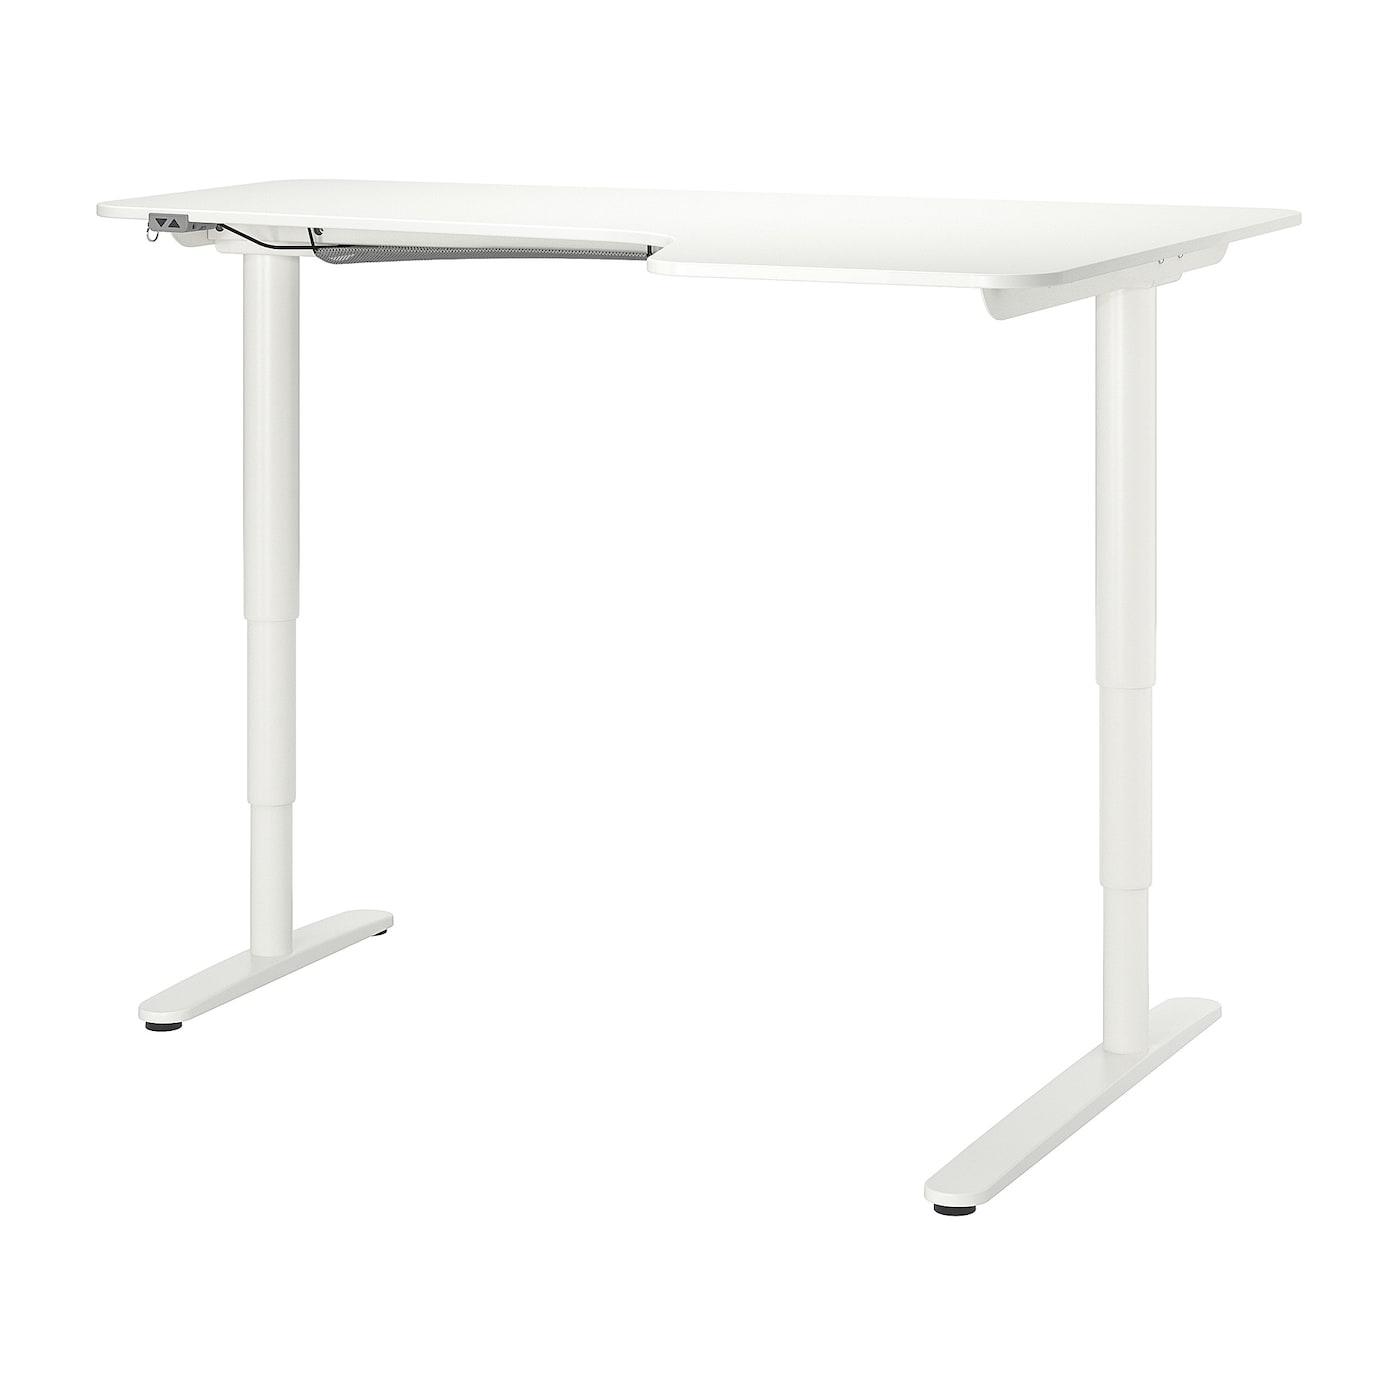 IKEA BEKANT białe biurko narożne prawe, sit/stand, 160x110 cm